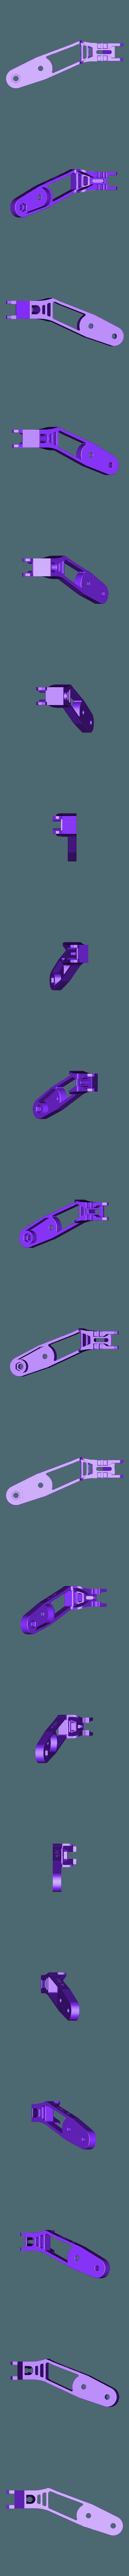 Creality_CR-10S_Heatbed_Start.stl Télécharger fichier STL gratuit Creality CR-10S Chaîne d'entraînement de câble de l'axe Y et décharge de traction • Design à imprimer en 3D, ZepTo